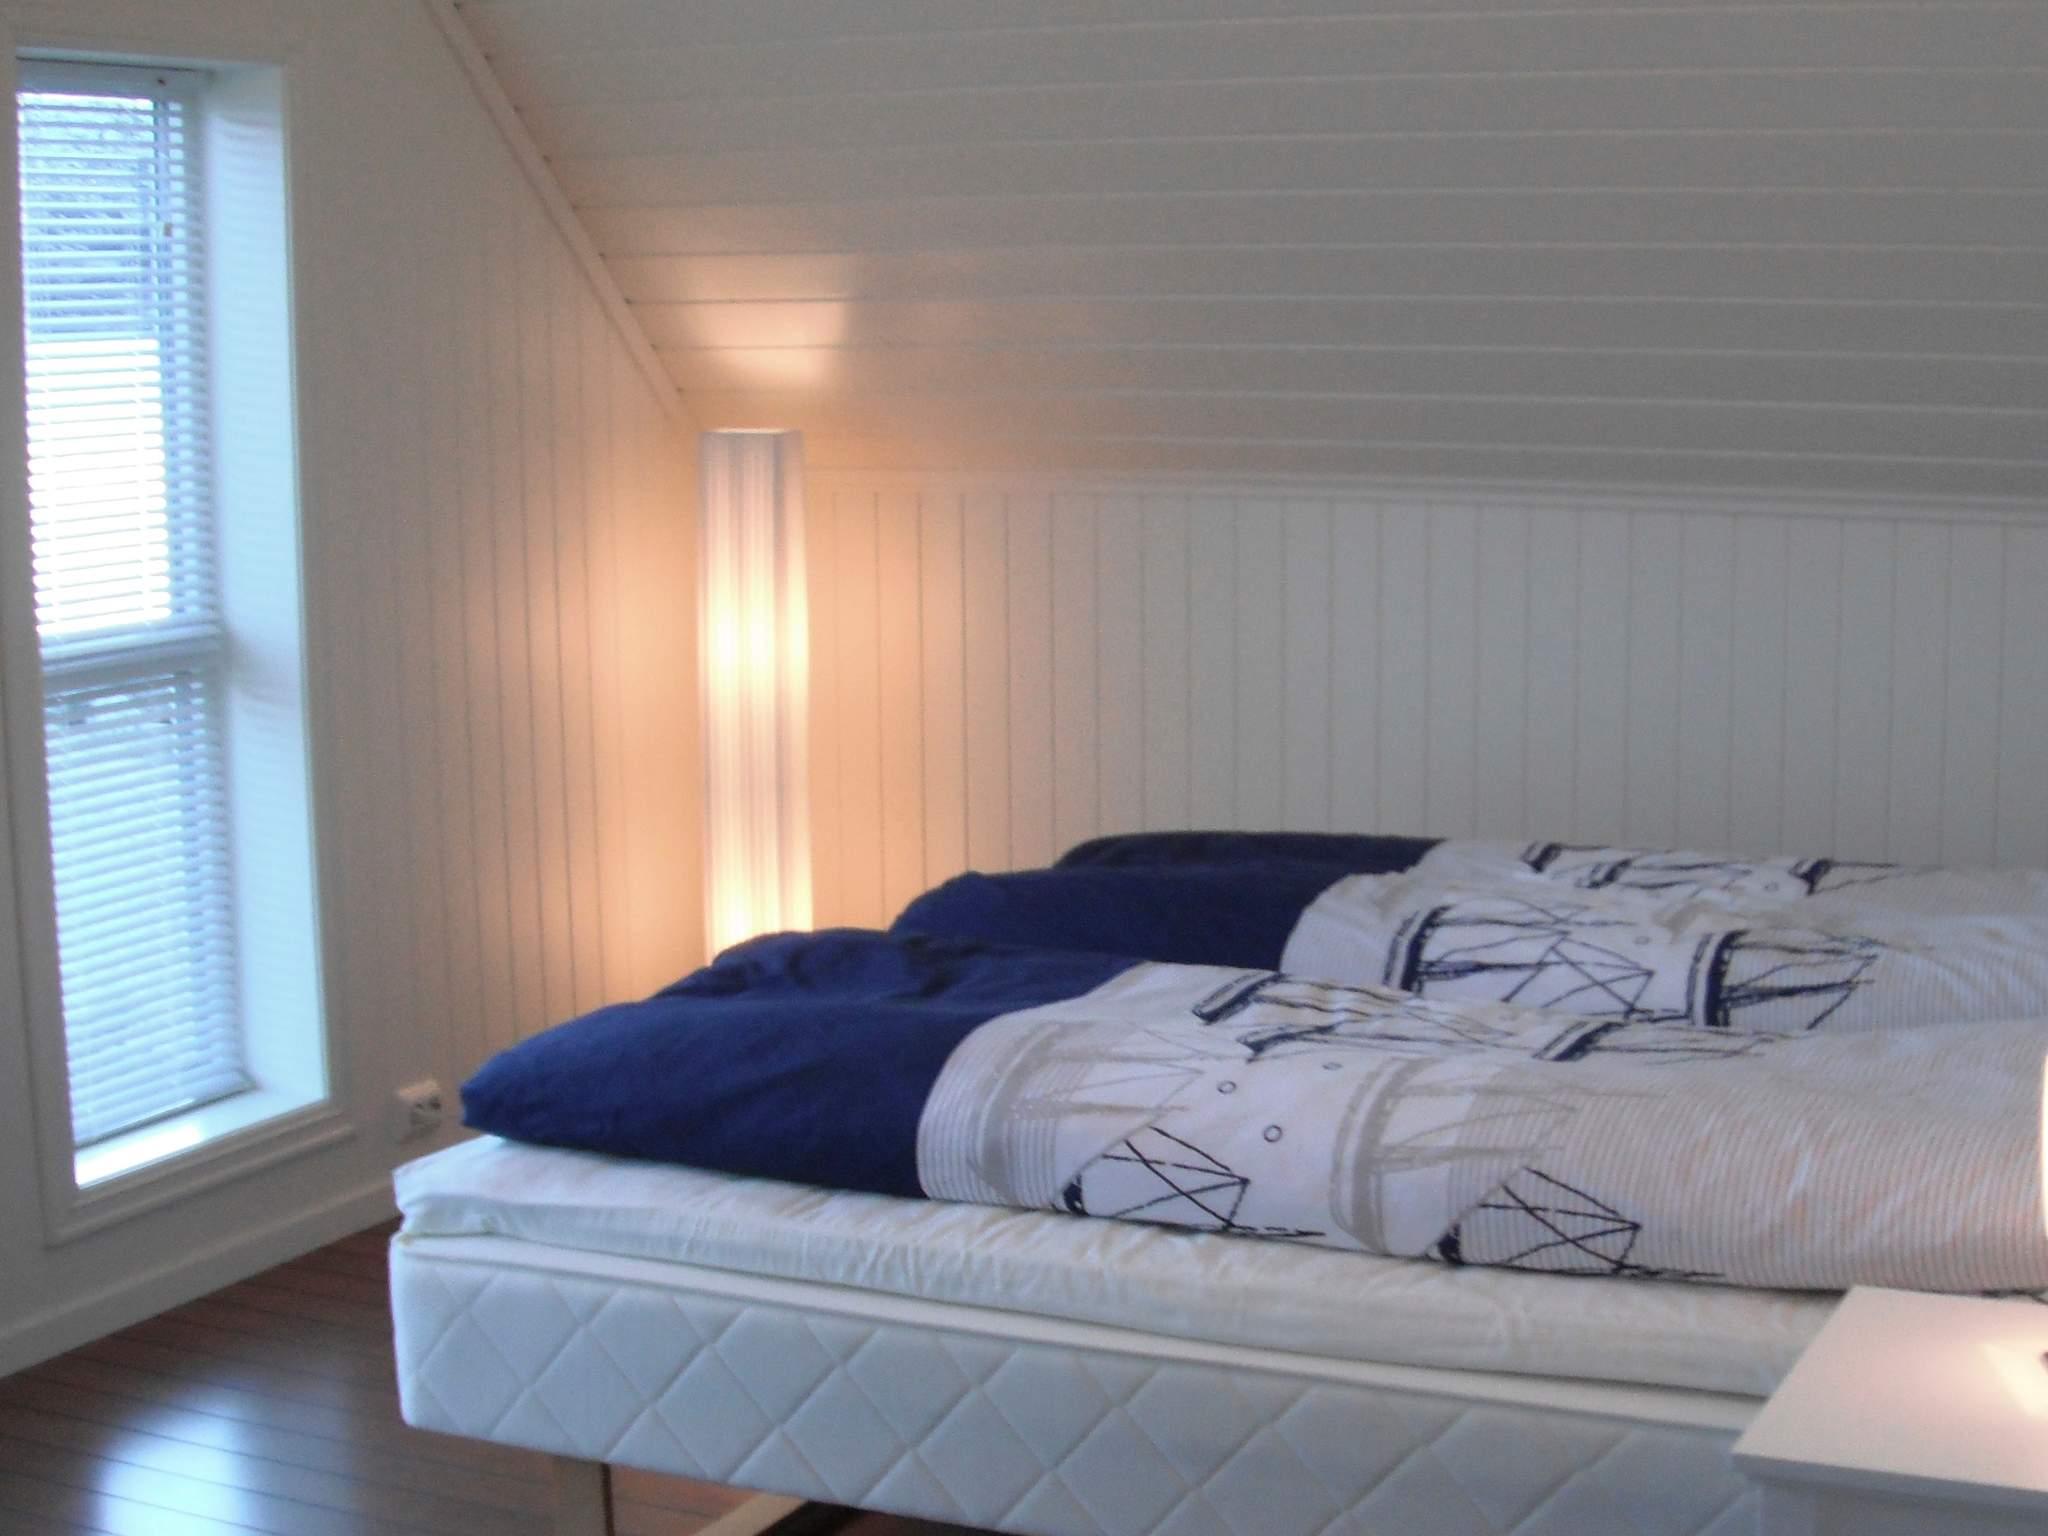 Ferienhaus Haugsbygda (479853), Haugsbygda, More - Romsdal, Westnorwegen, Norwegen, Bild 15